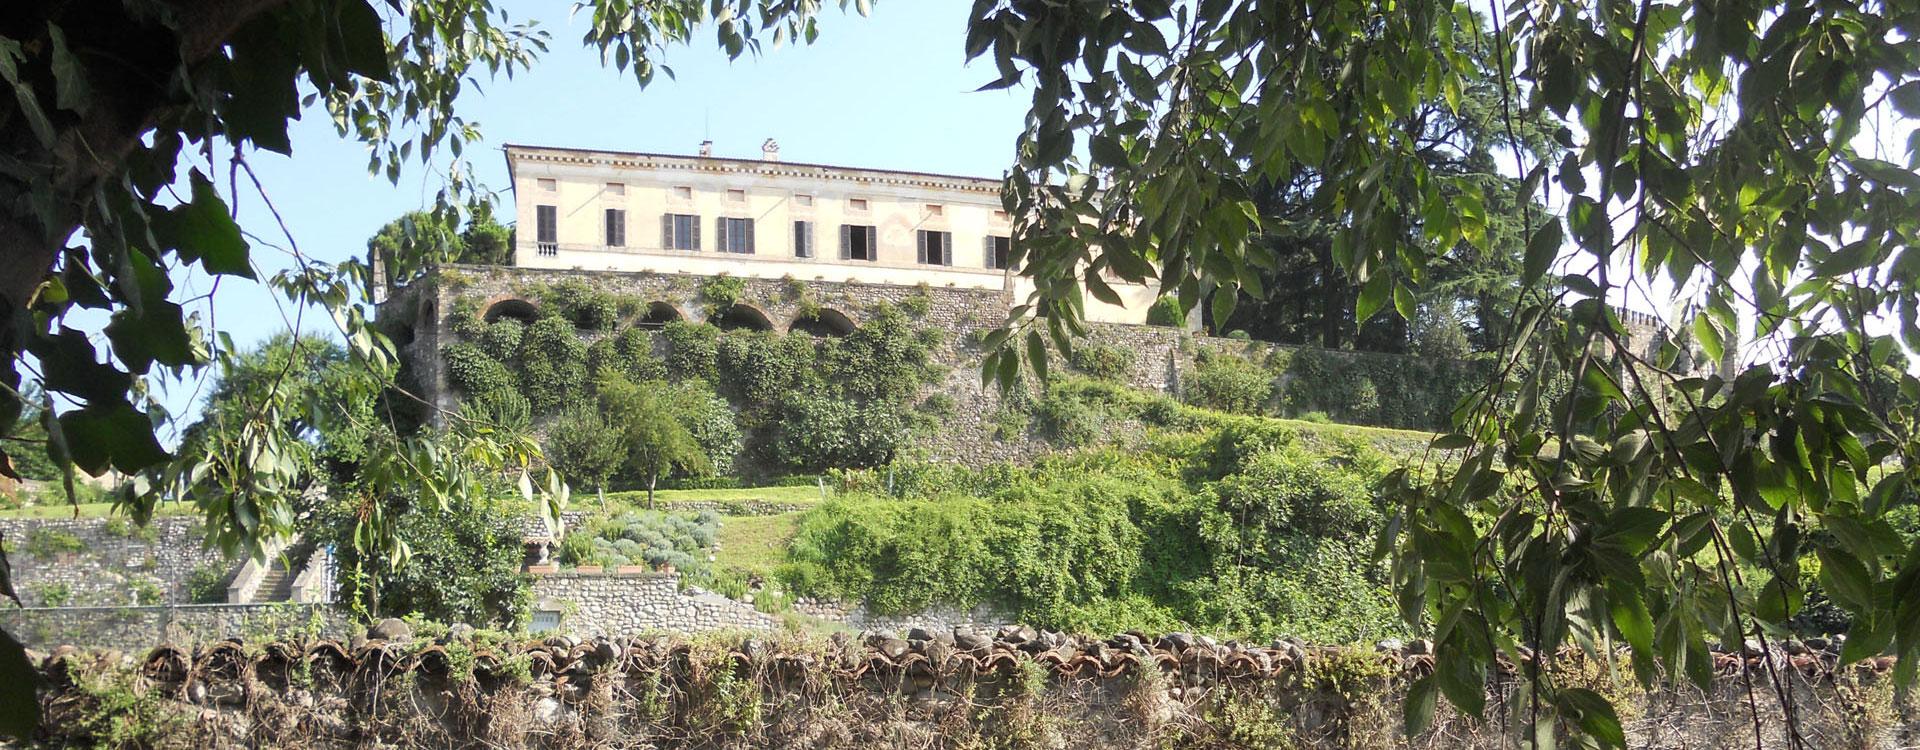 Il castello di Bornato e palazzo Orlando<br> Expo 2015